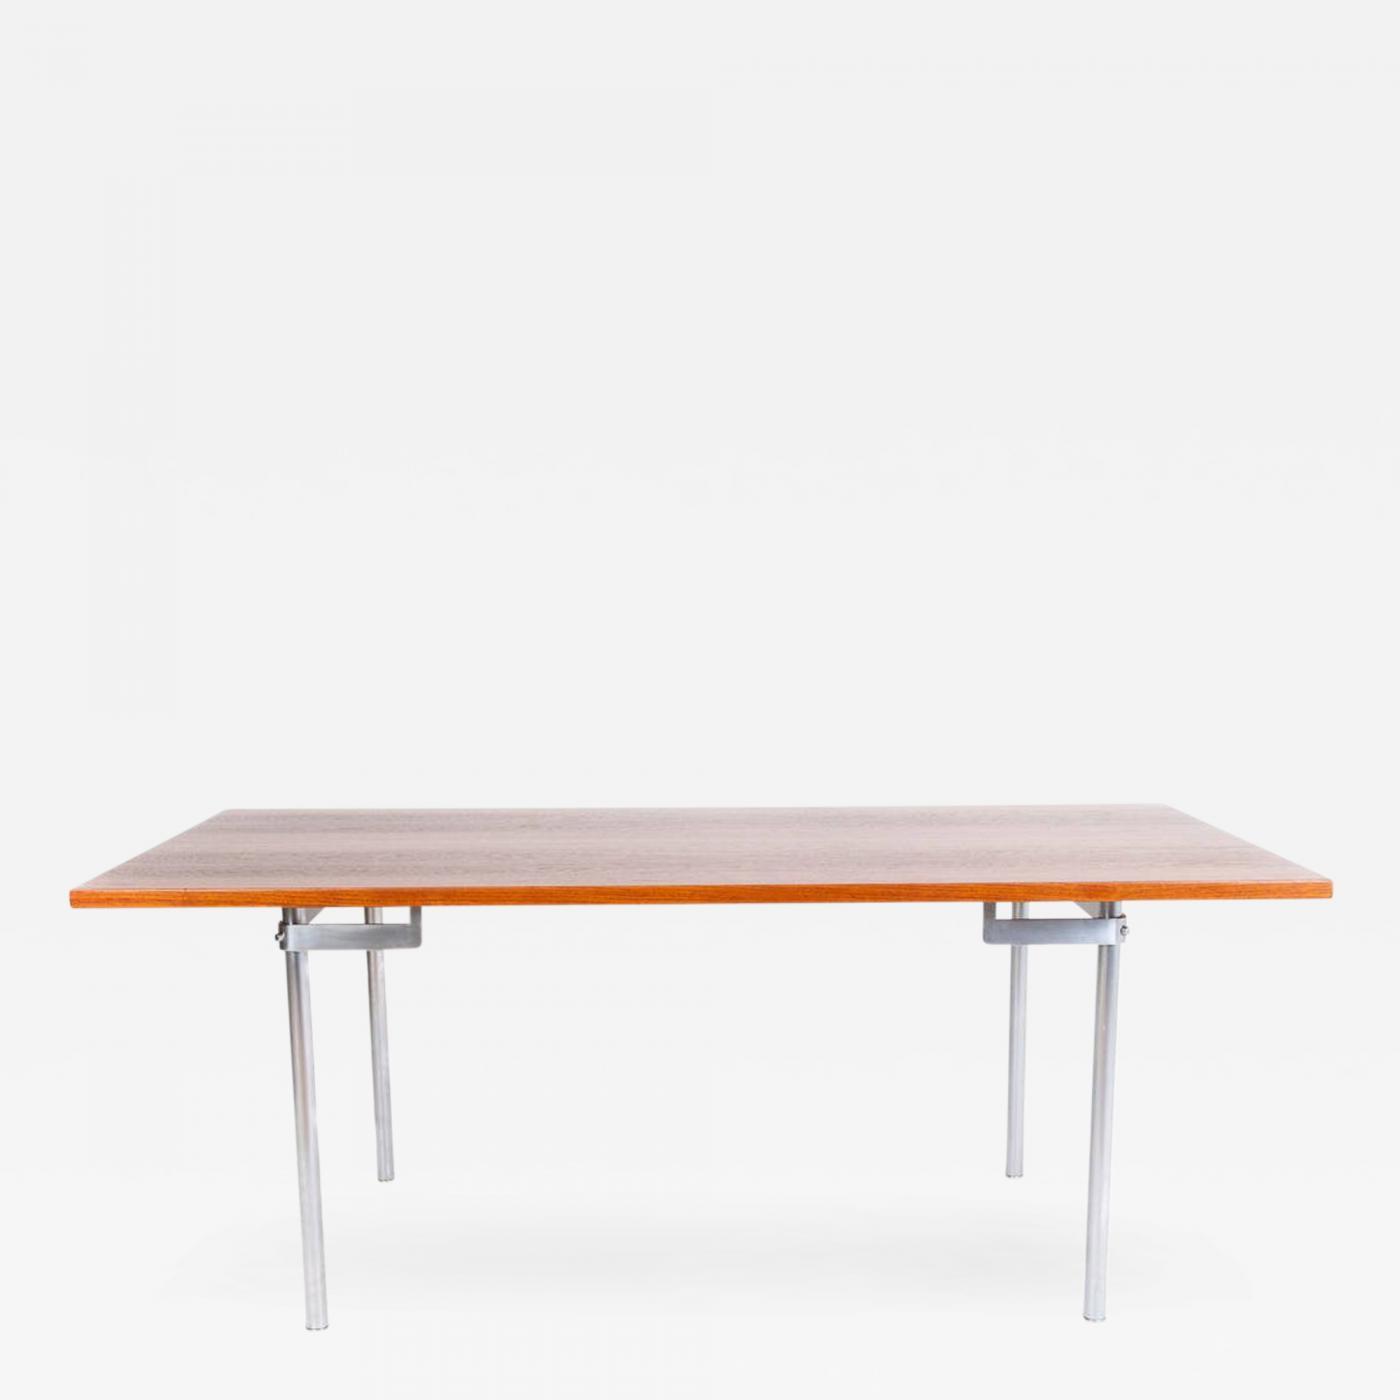 Hans Wegner Dining Table by Hans J Wegner Model AT318